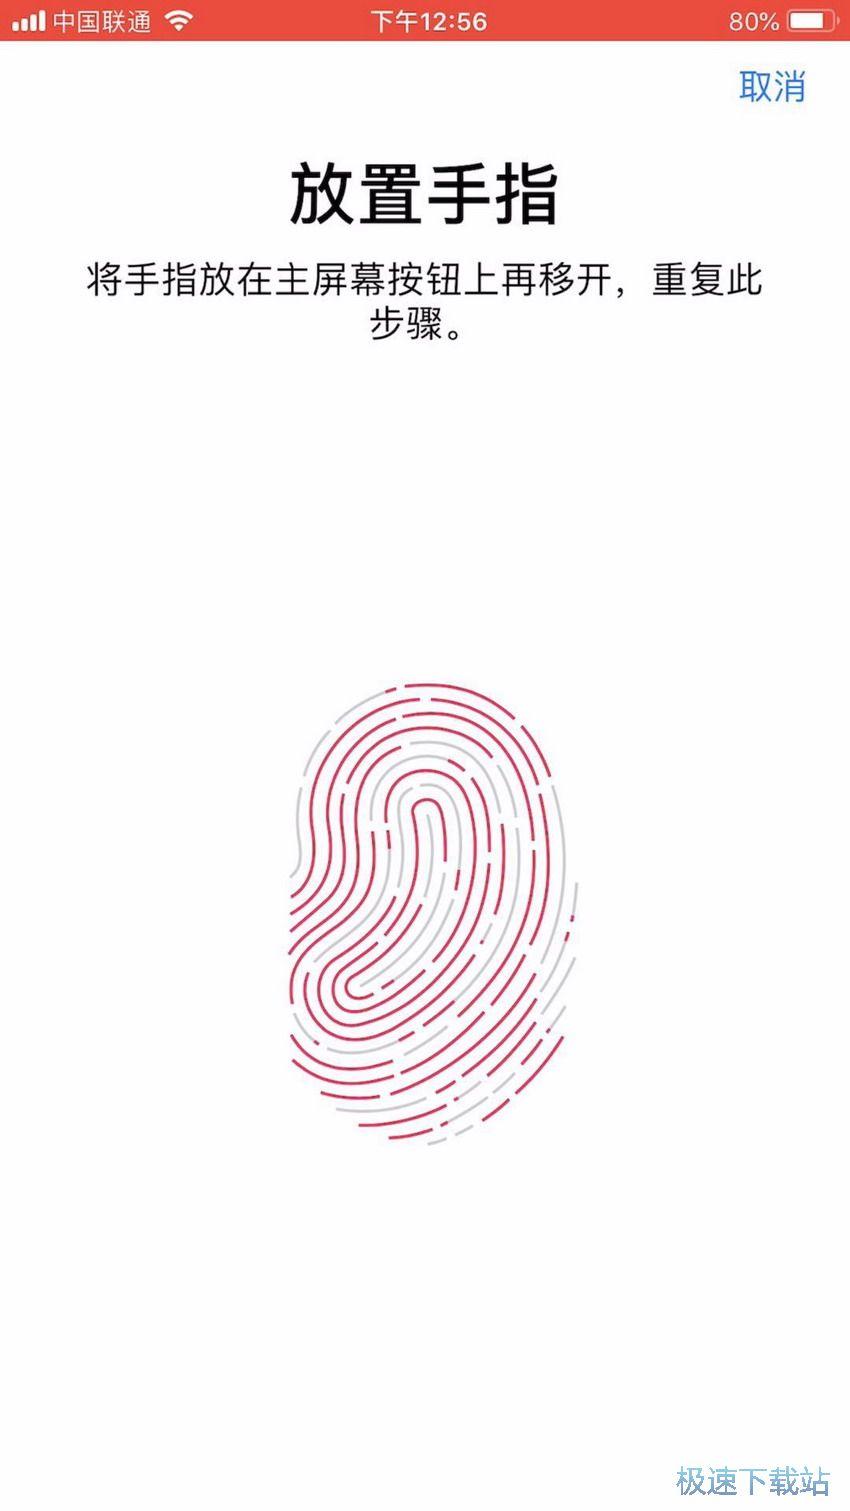 图:指纹解锁